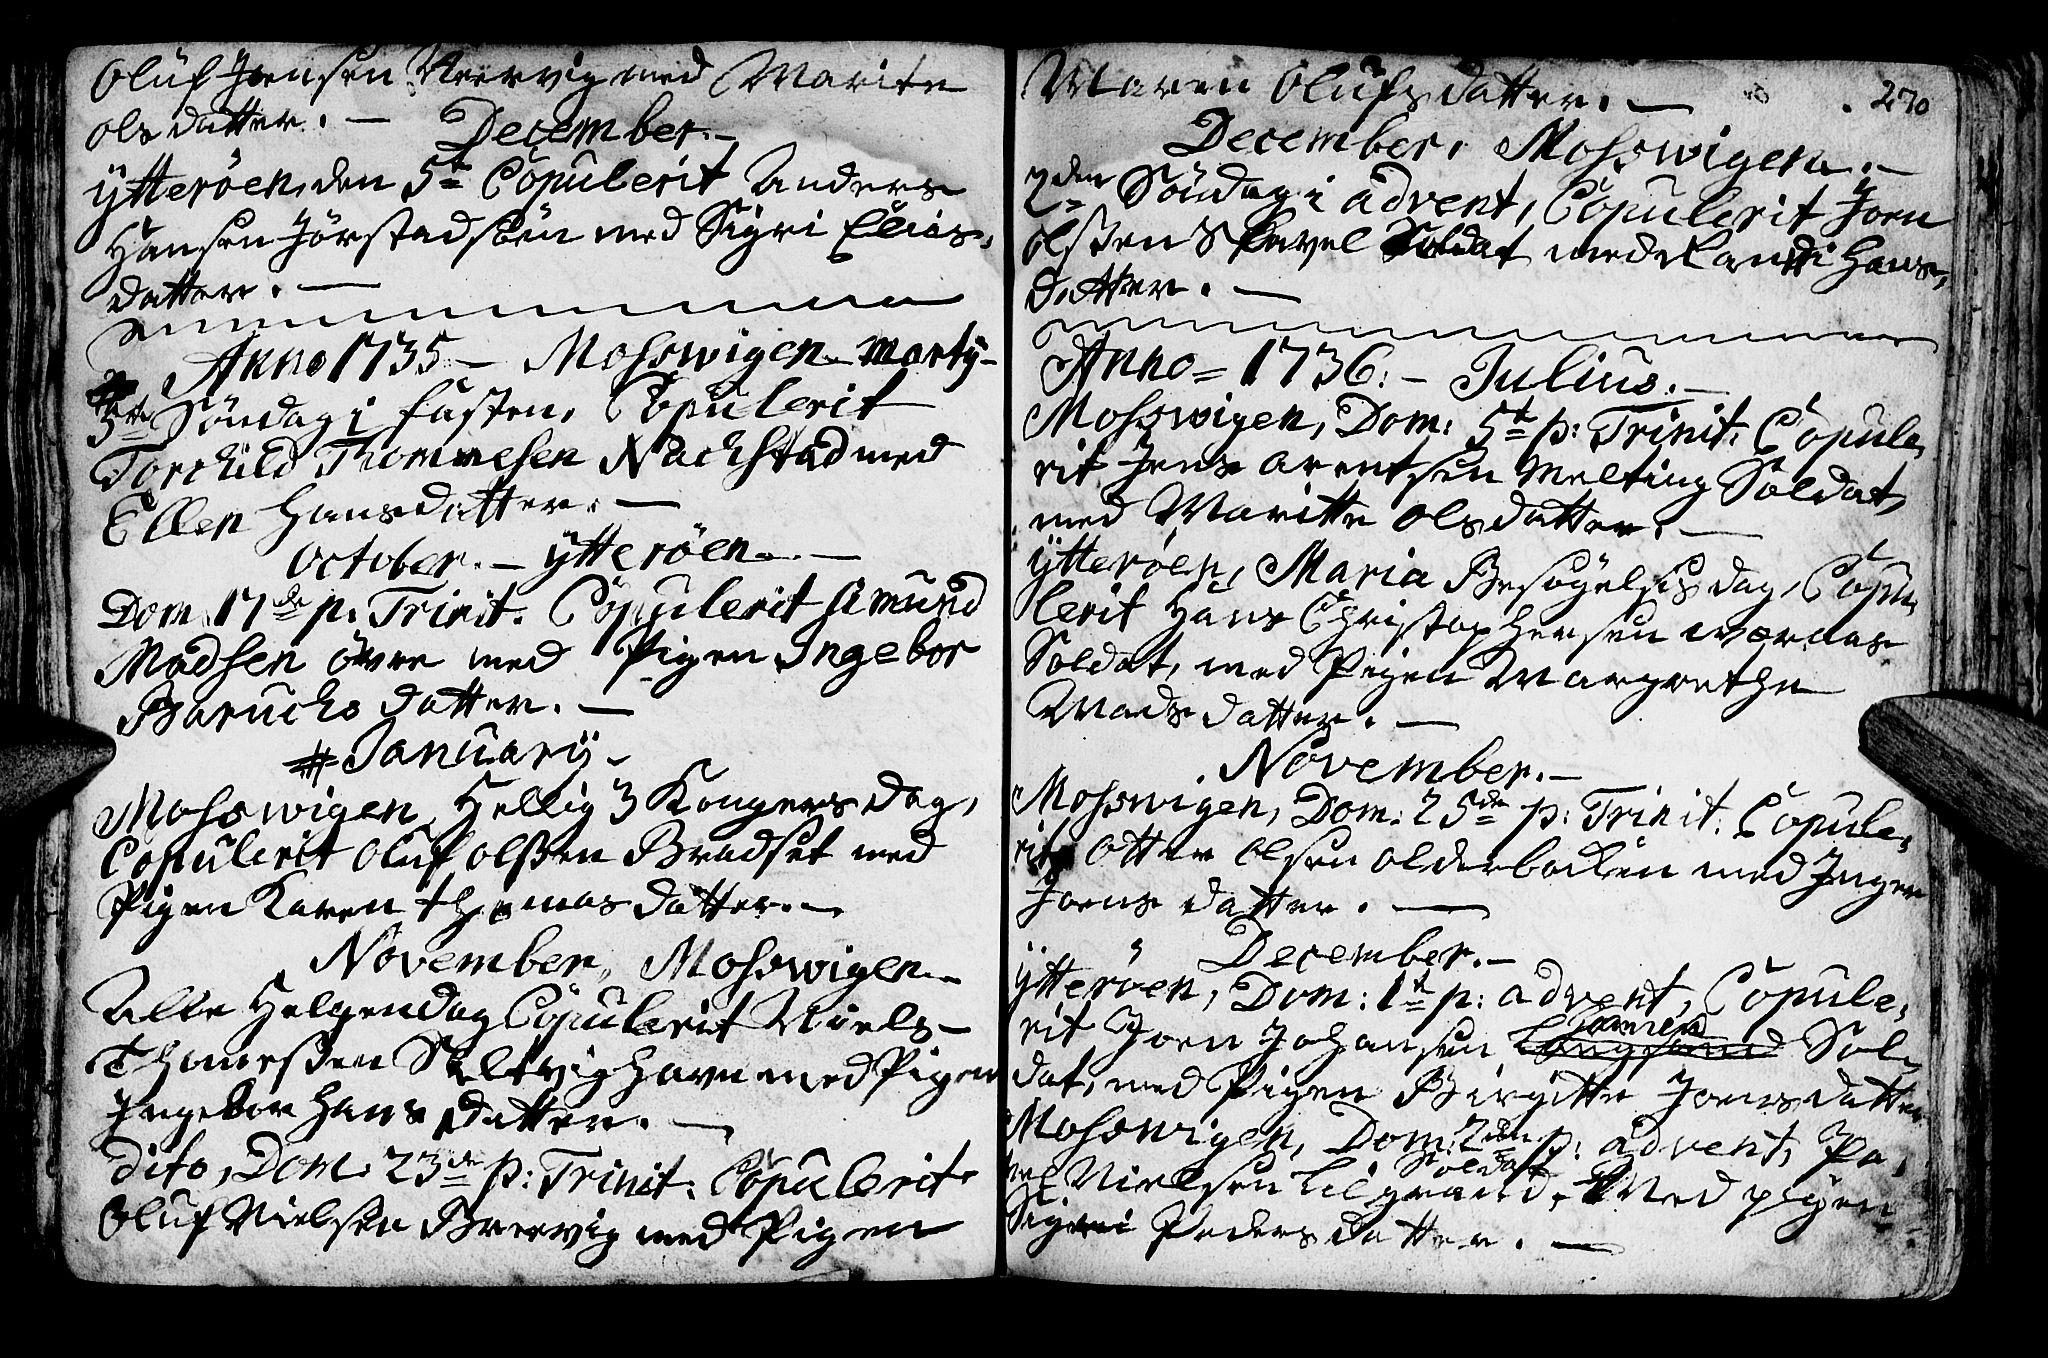 SAT, Ministerialprotokoller, klokkerbøker og fødselsregistre - Nord-Trøndelag, 722/L0215: Ministerialbok nr. 722A02, 1718-1755, s. 270